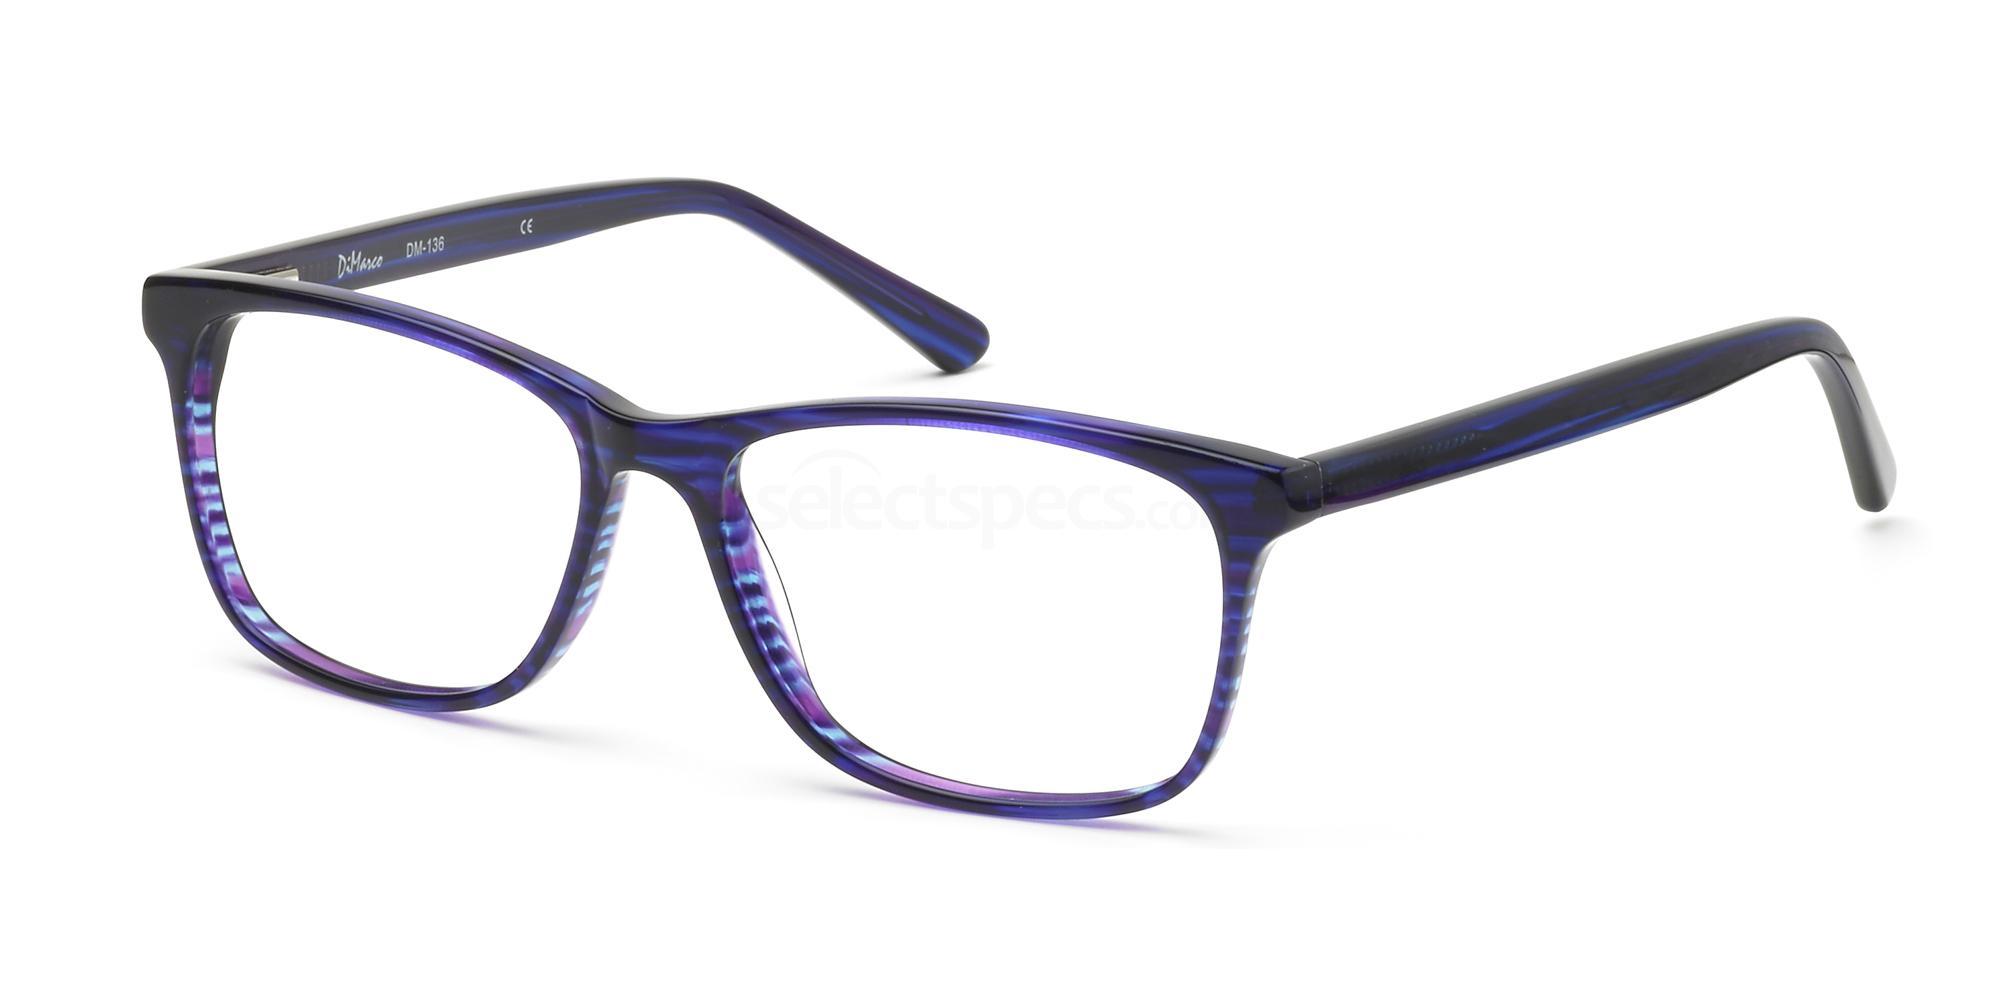 C1 DM136 Glasses, DiMarco